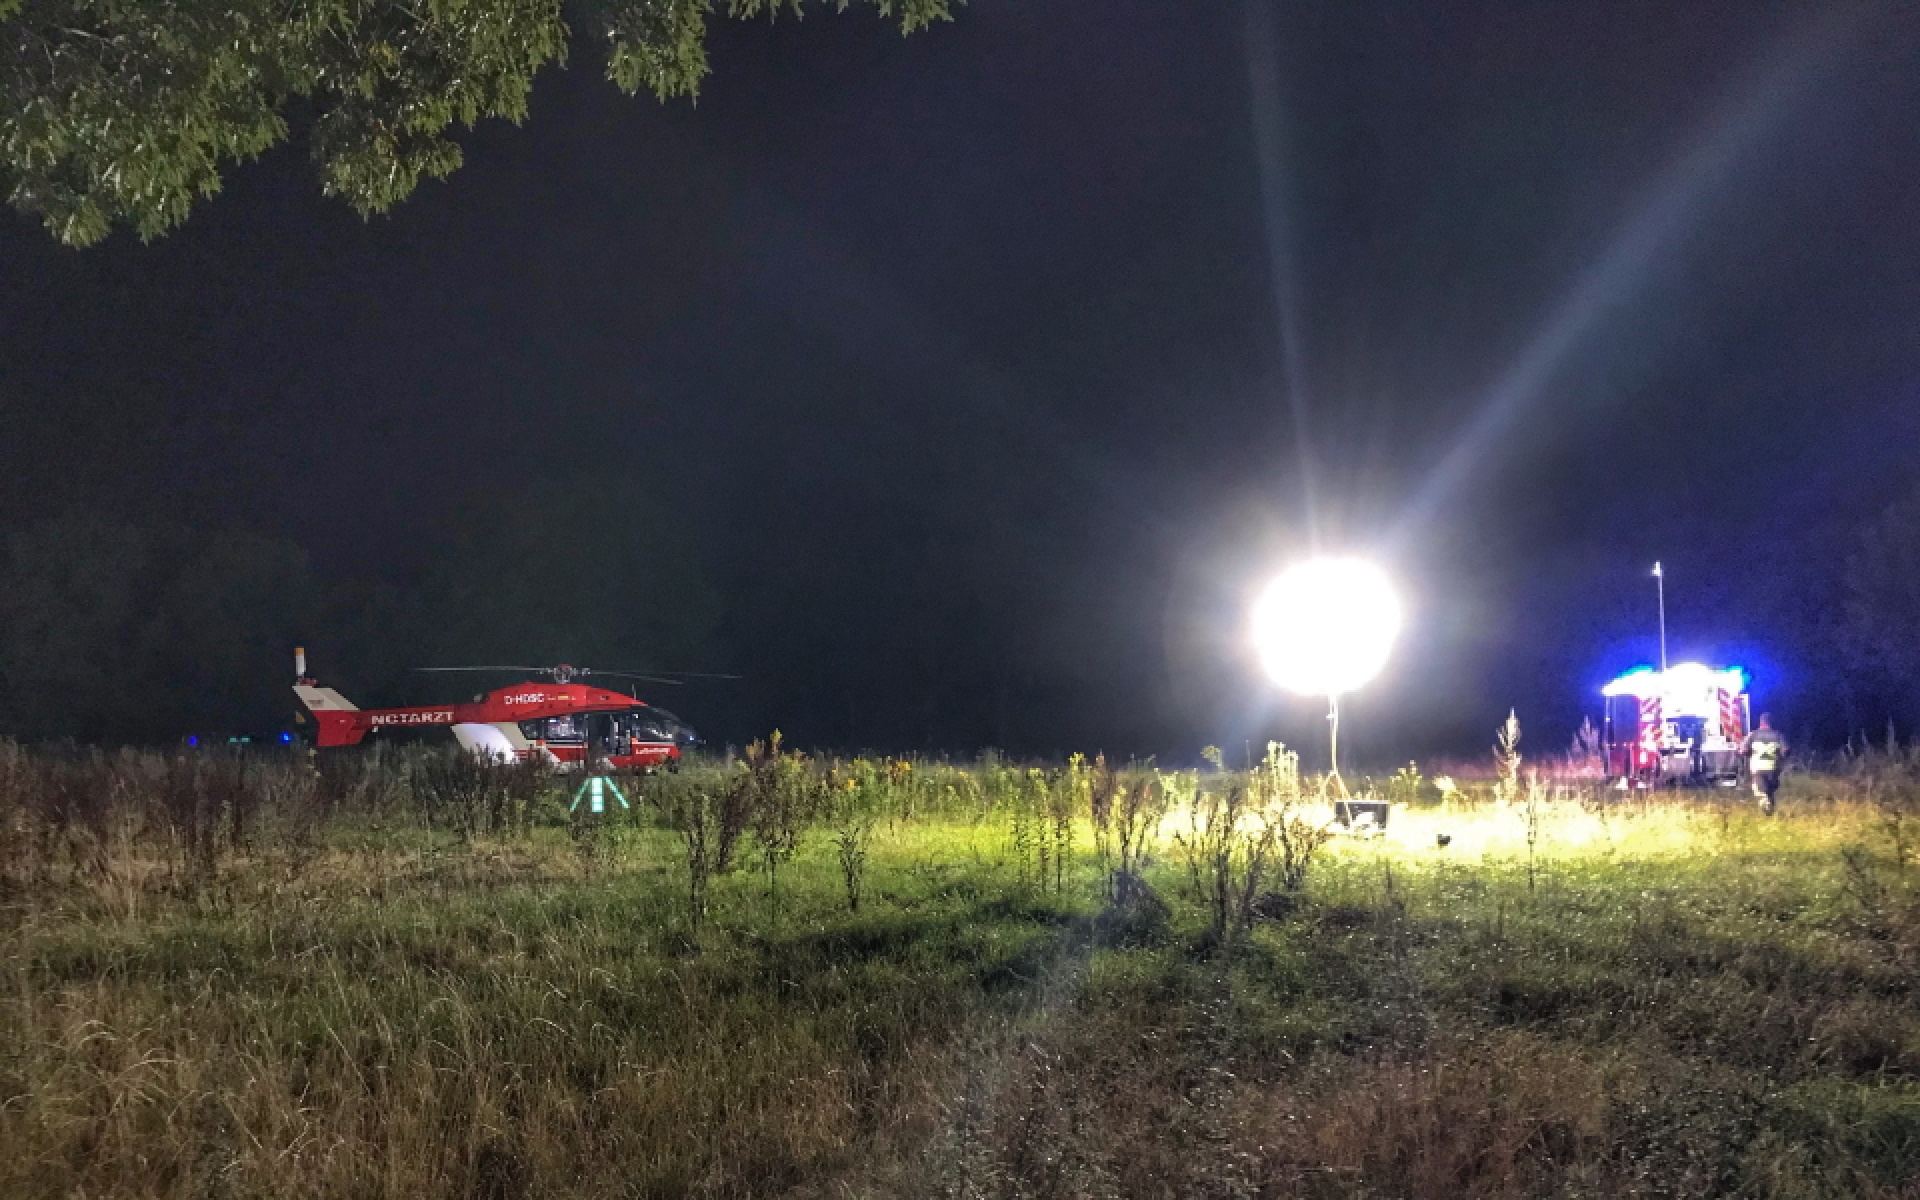 Der in Rendsburg stationierte Hubschrauber der DRF Luftrettung ist 24 Stunden einsatzbereit.